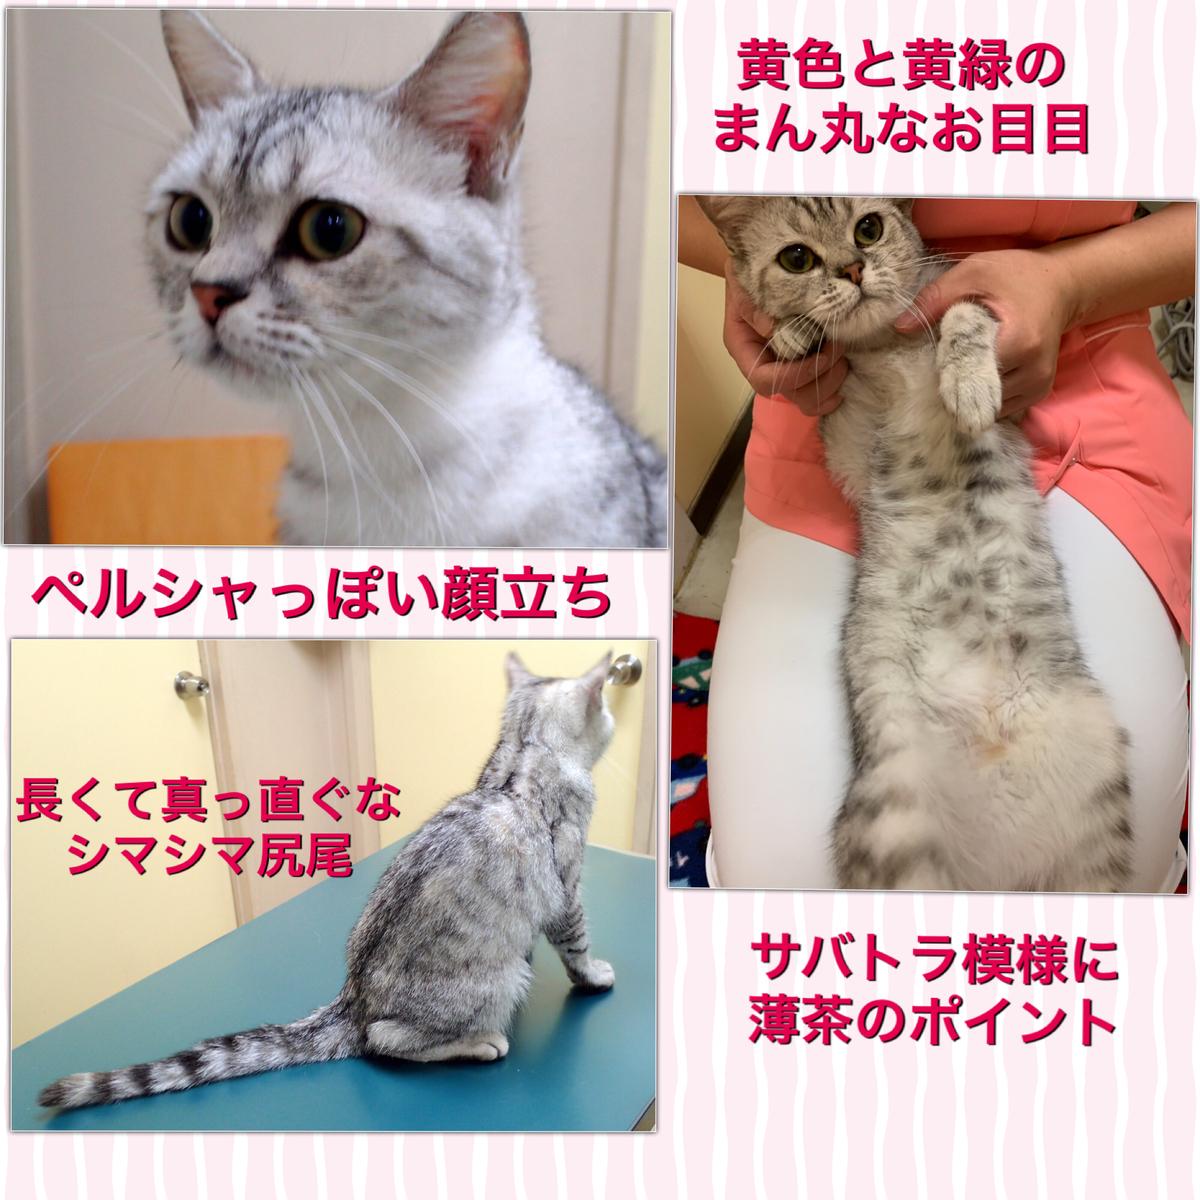 f:id:nozawa_clinic:20190521115155j:plain